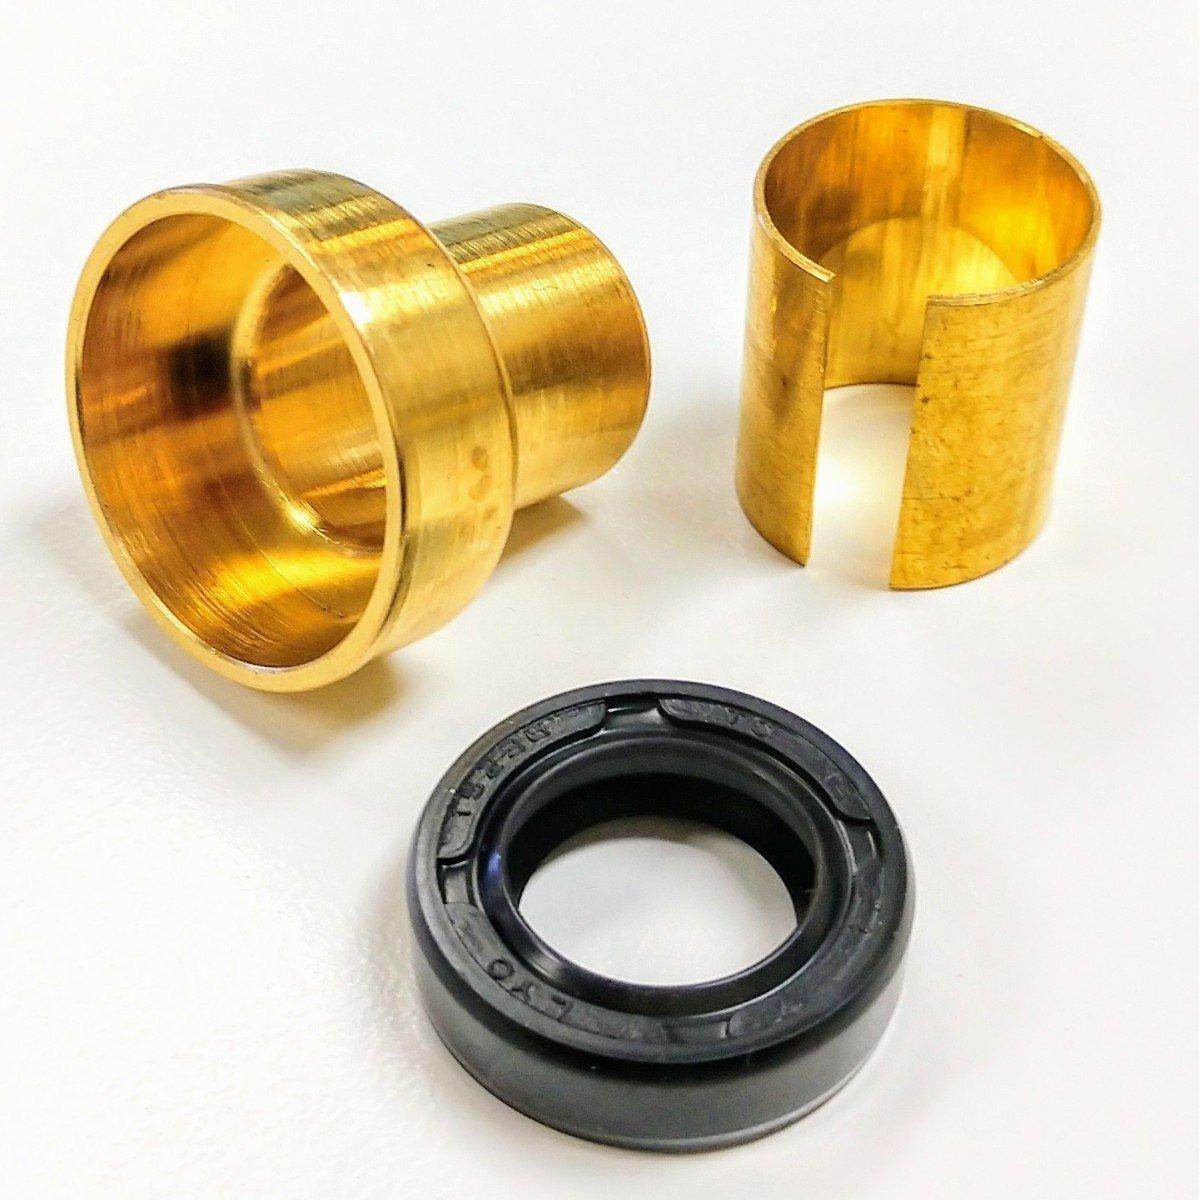 Pirate Mfg Nose Cone Bushing Kit T-1 49-77 Brass Bushing & Seal001 301 200